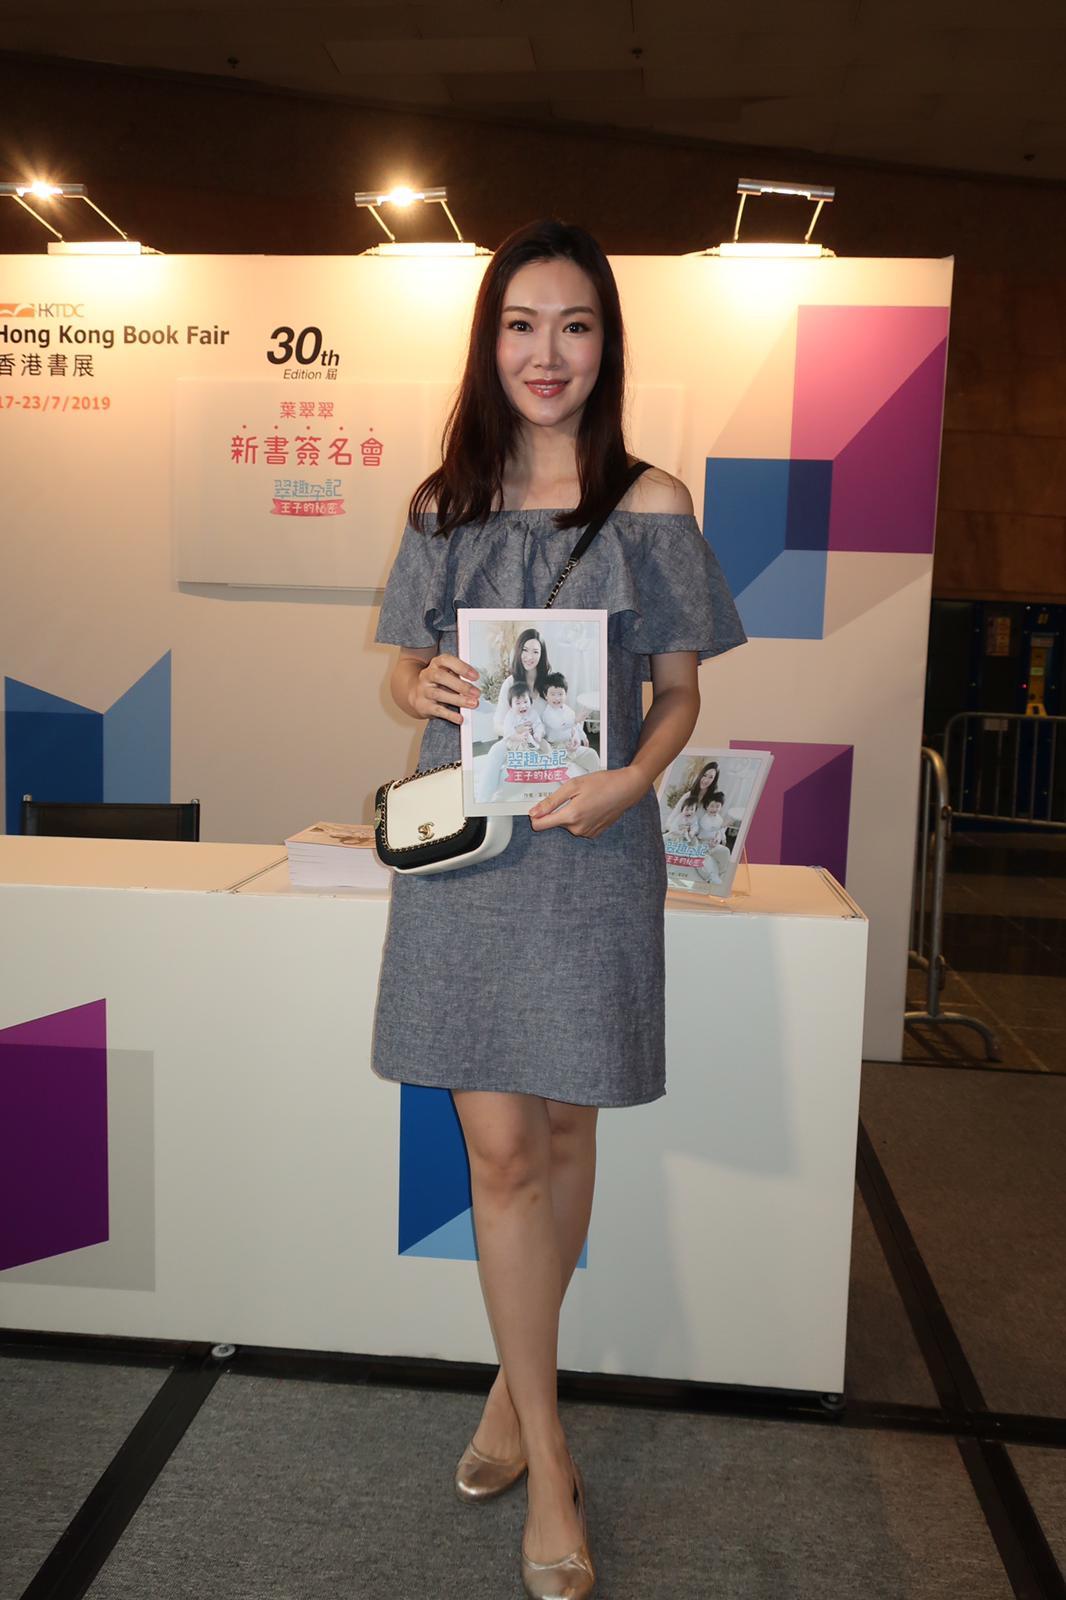 葉翠翠為新書《翠趣孕記.王子的秘密》舉行簽名會。